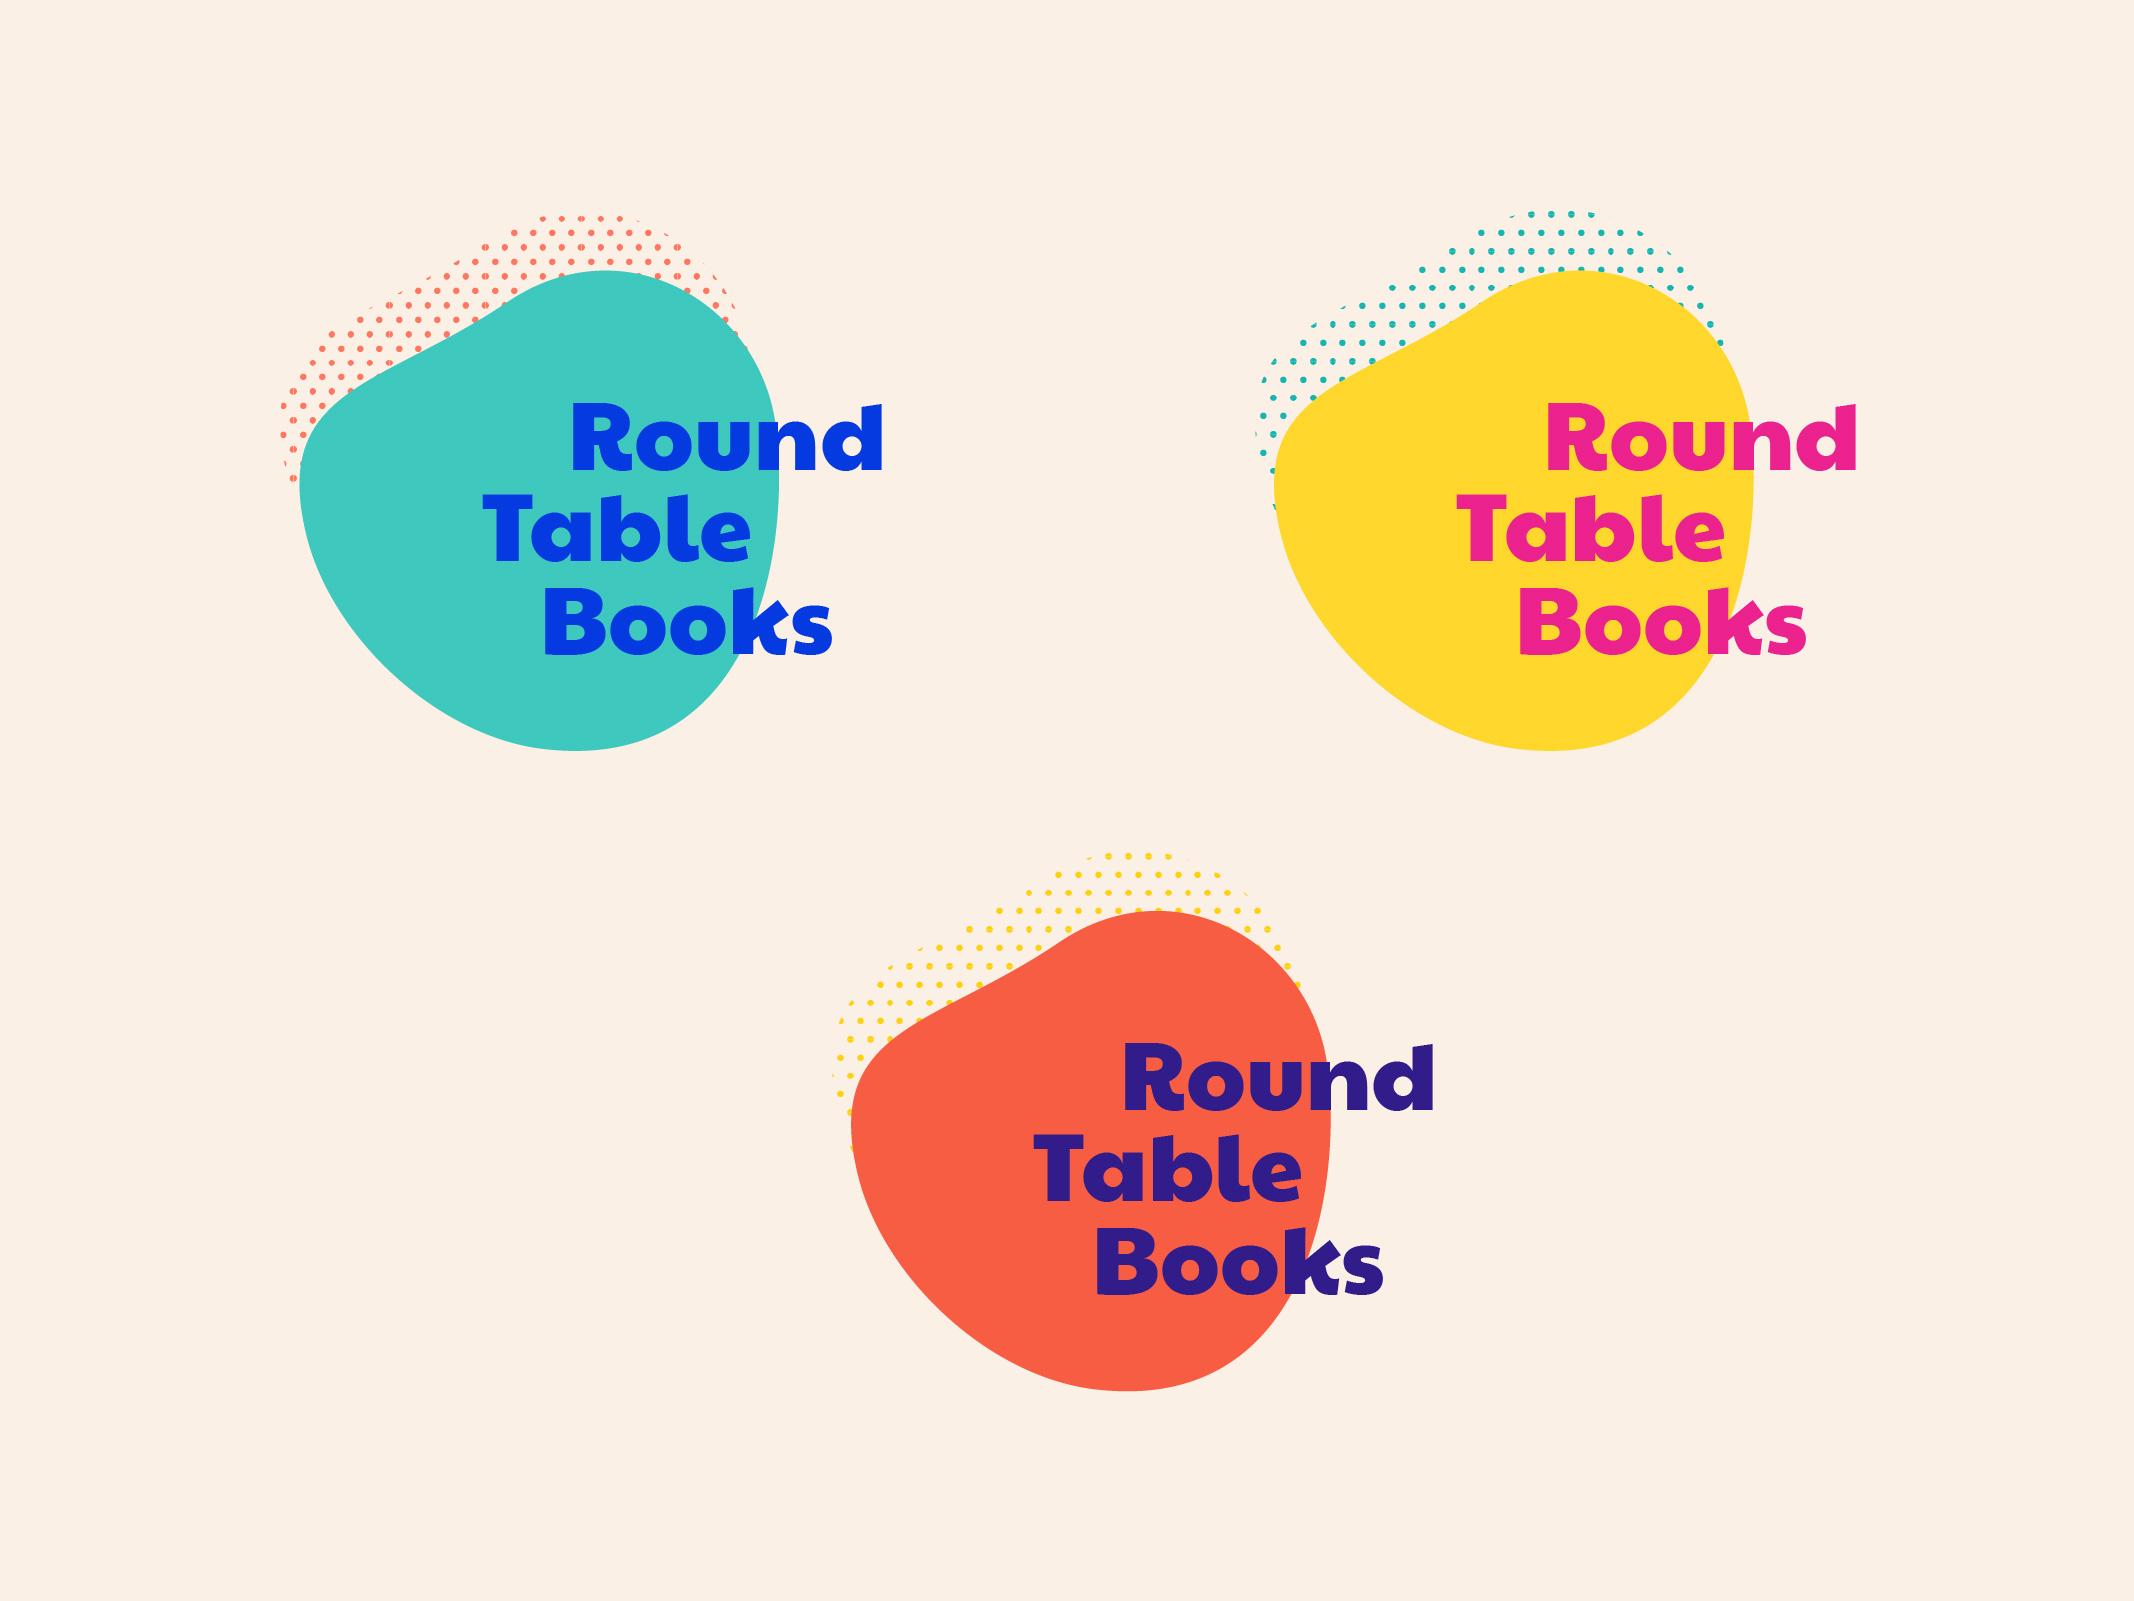 RoundTableBooks-Branding-Marssaie-Studio-13.jpg